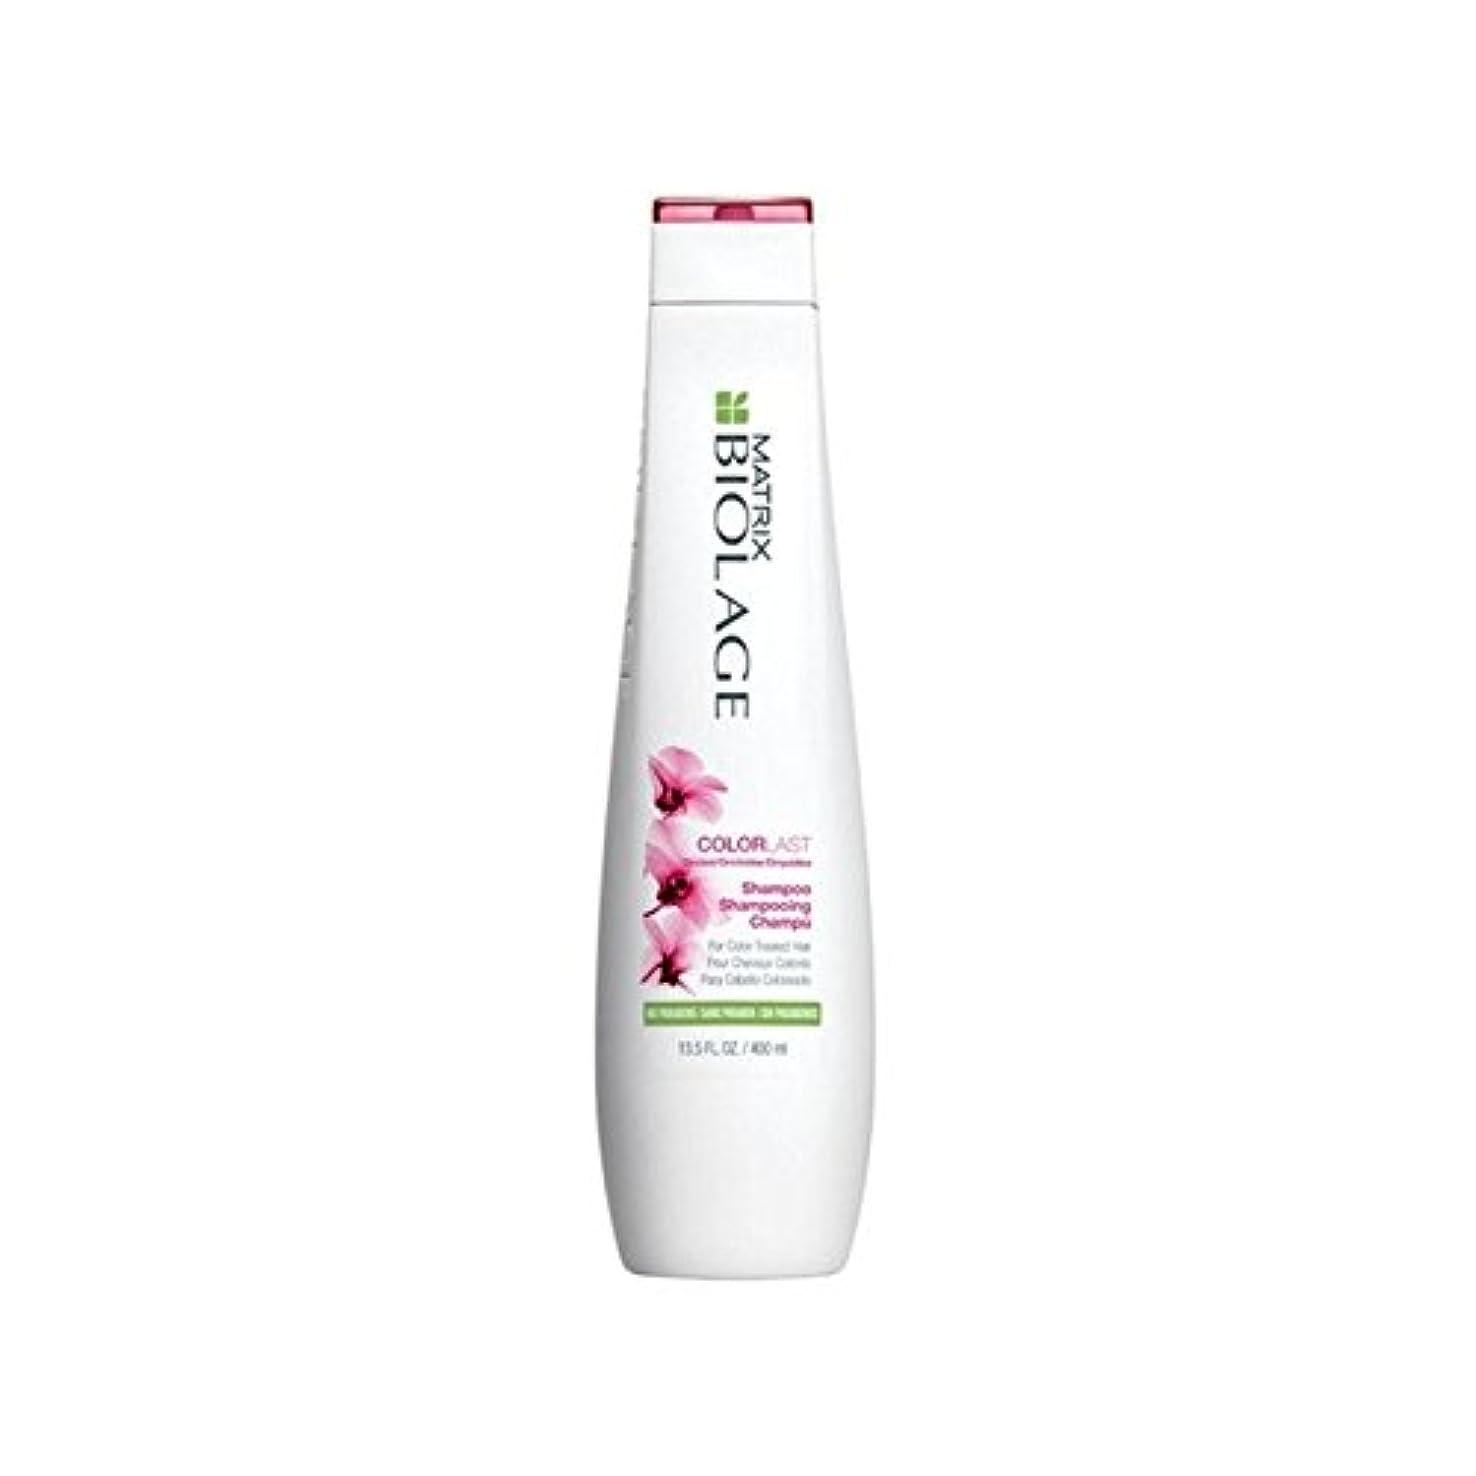 雪だるまを作る耳静的Matrix Biolage Colorlast Shampoo 400ml (Pack of 6) - 行列のバイオレイジシャンプー400ミリリットル x6 [並行輸入品]